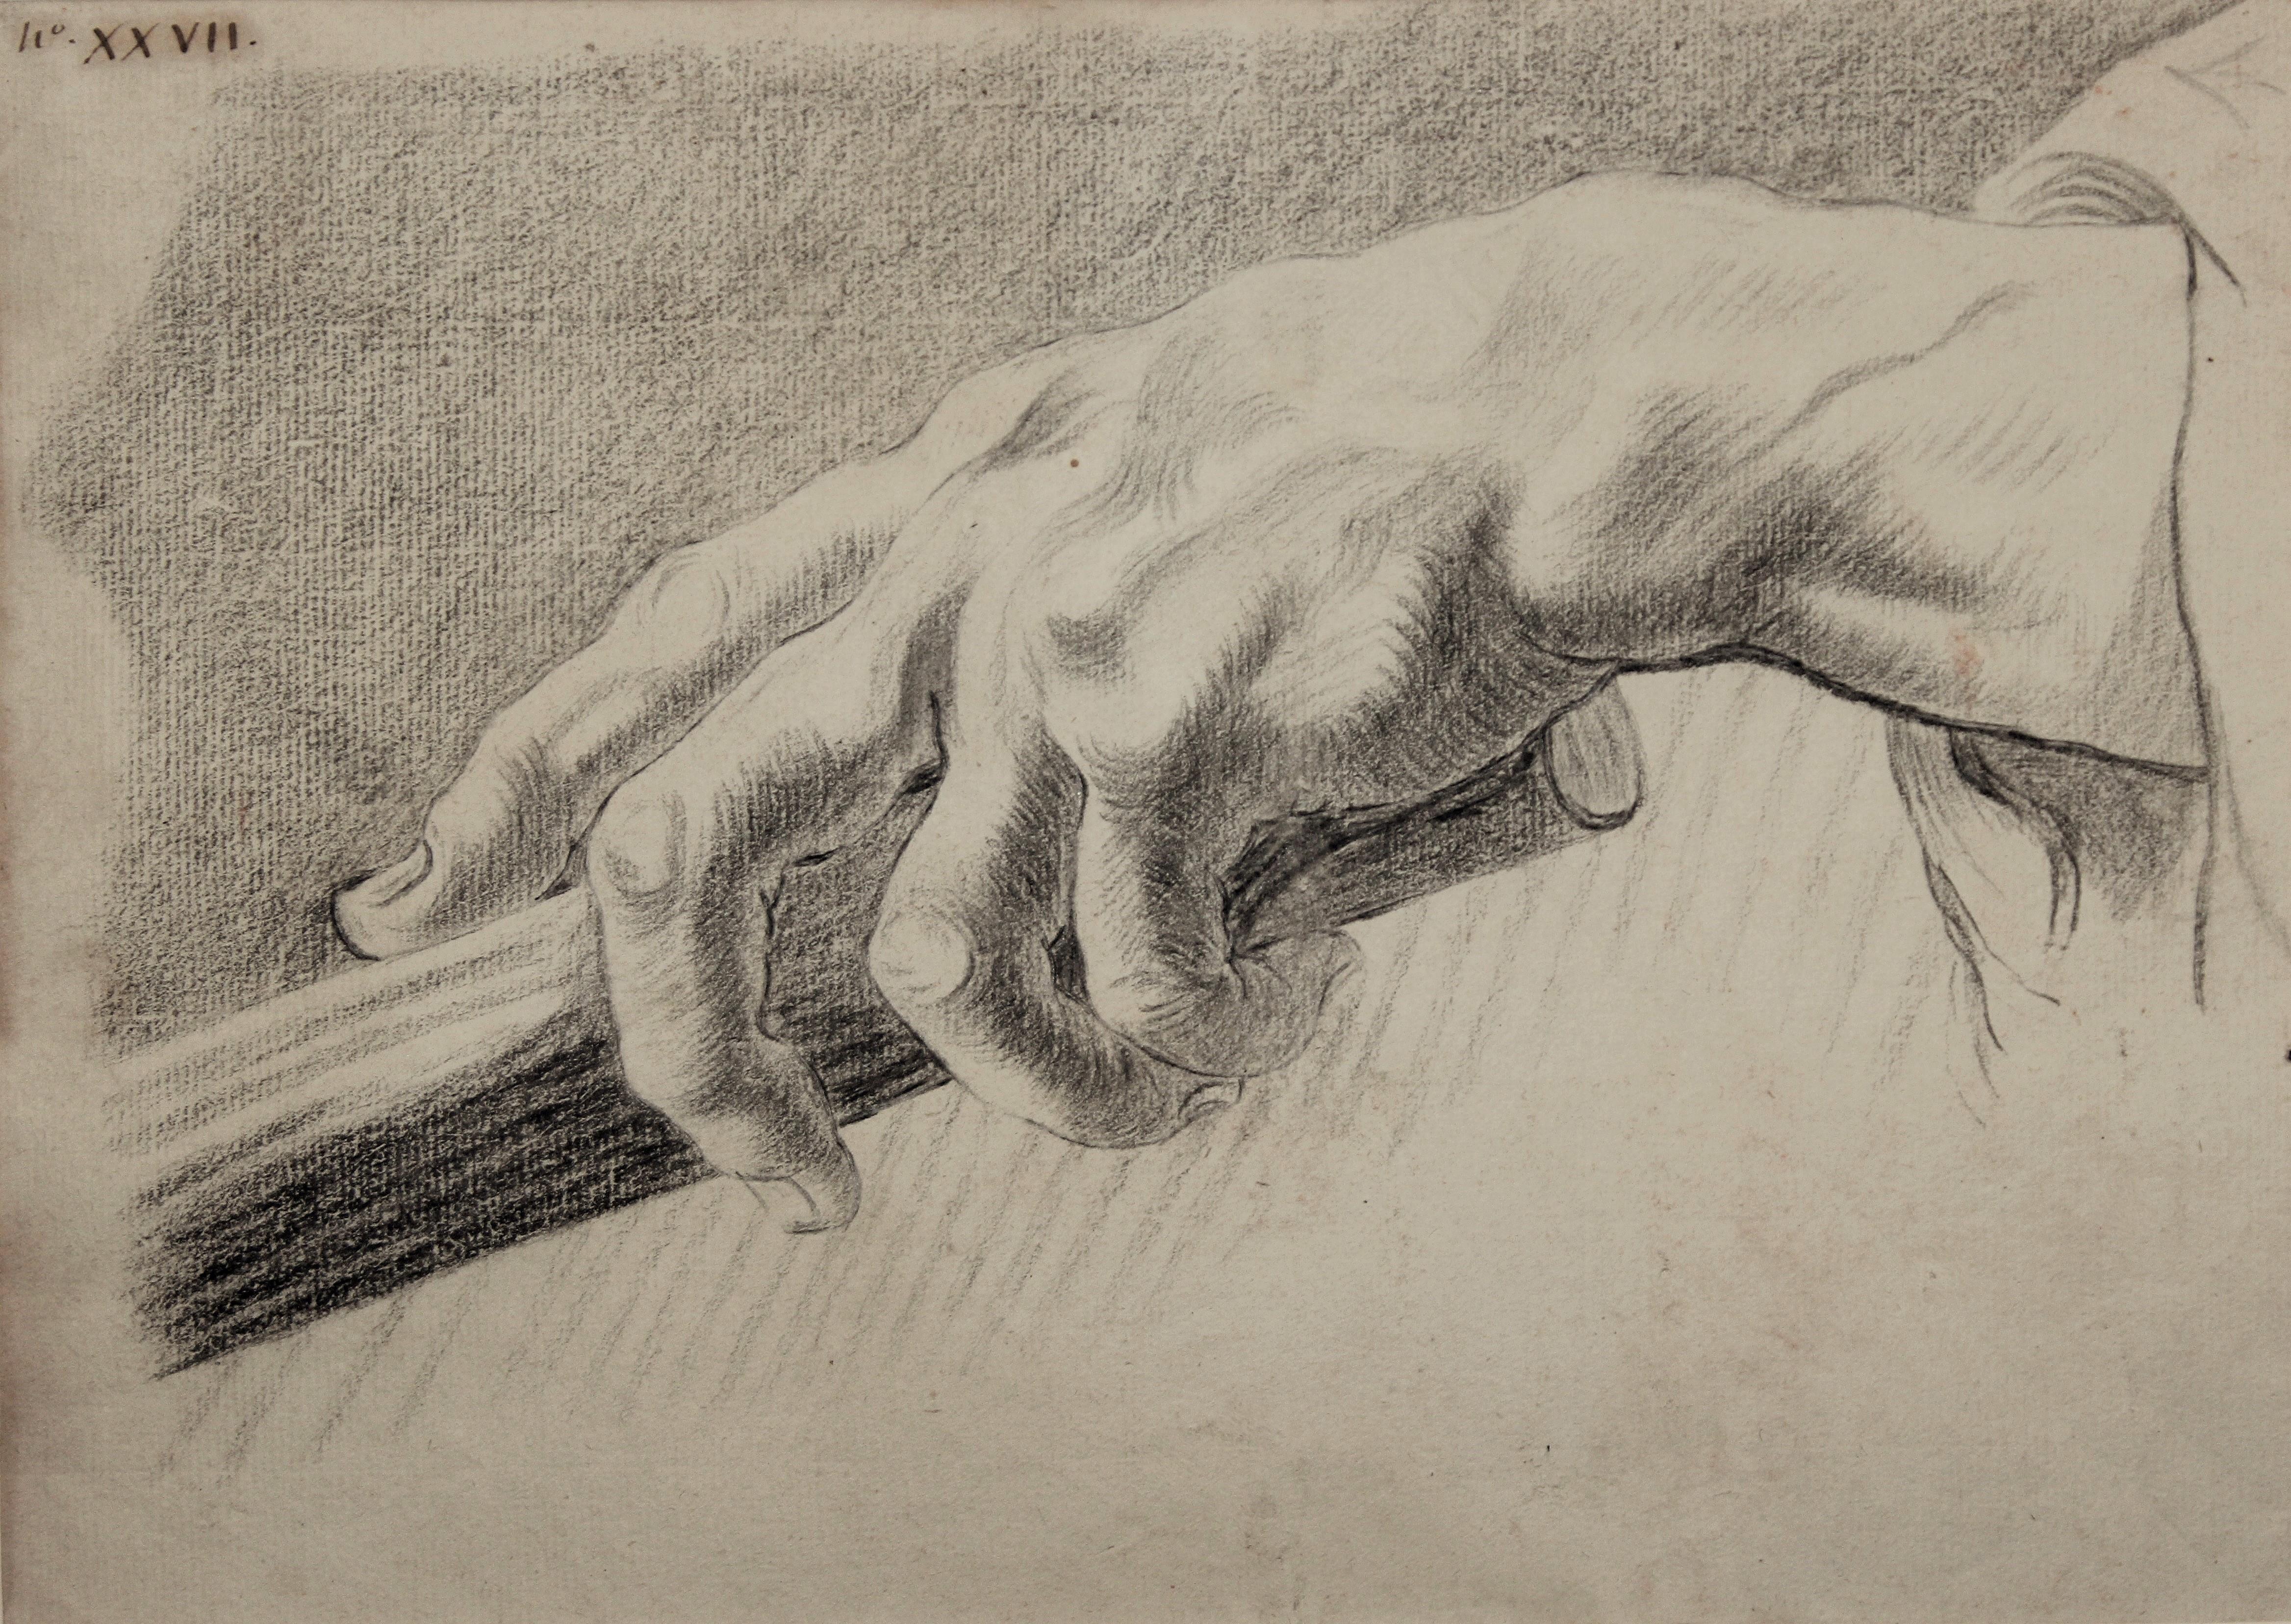 Louis Claude Vasse étude de main pierre noire.